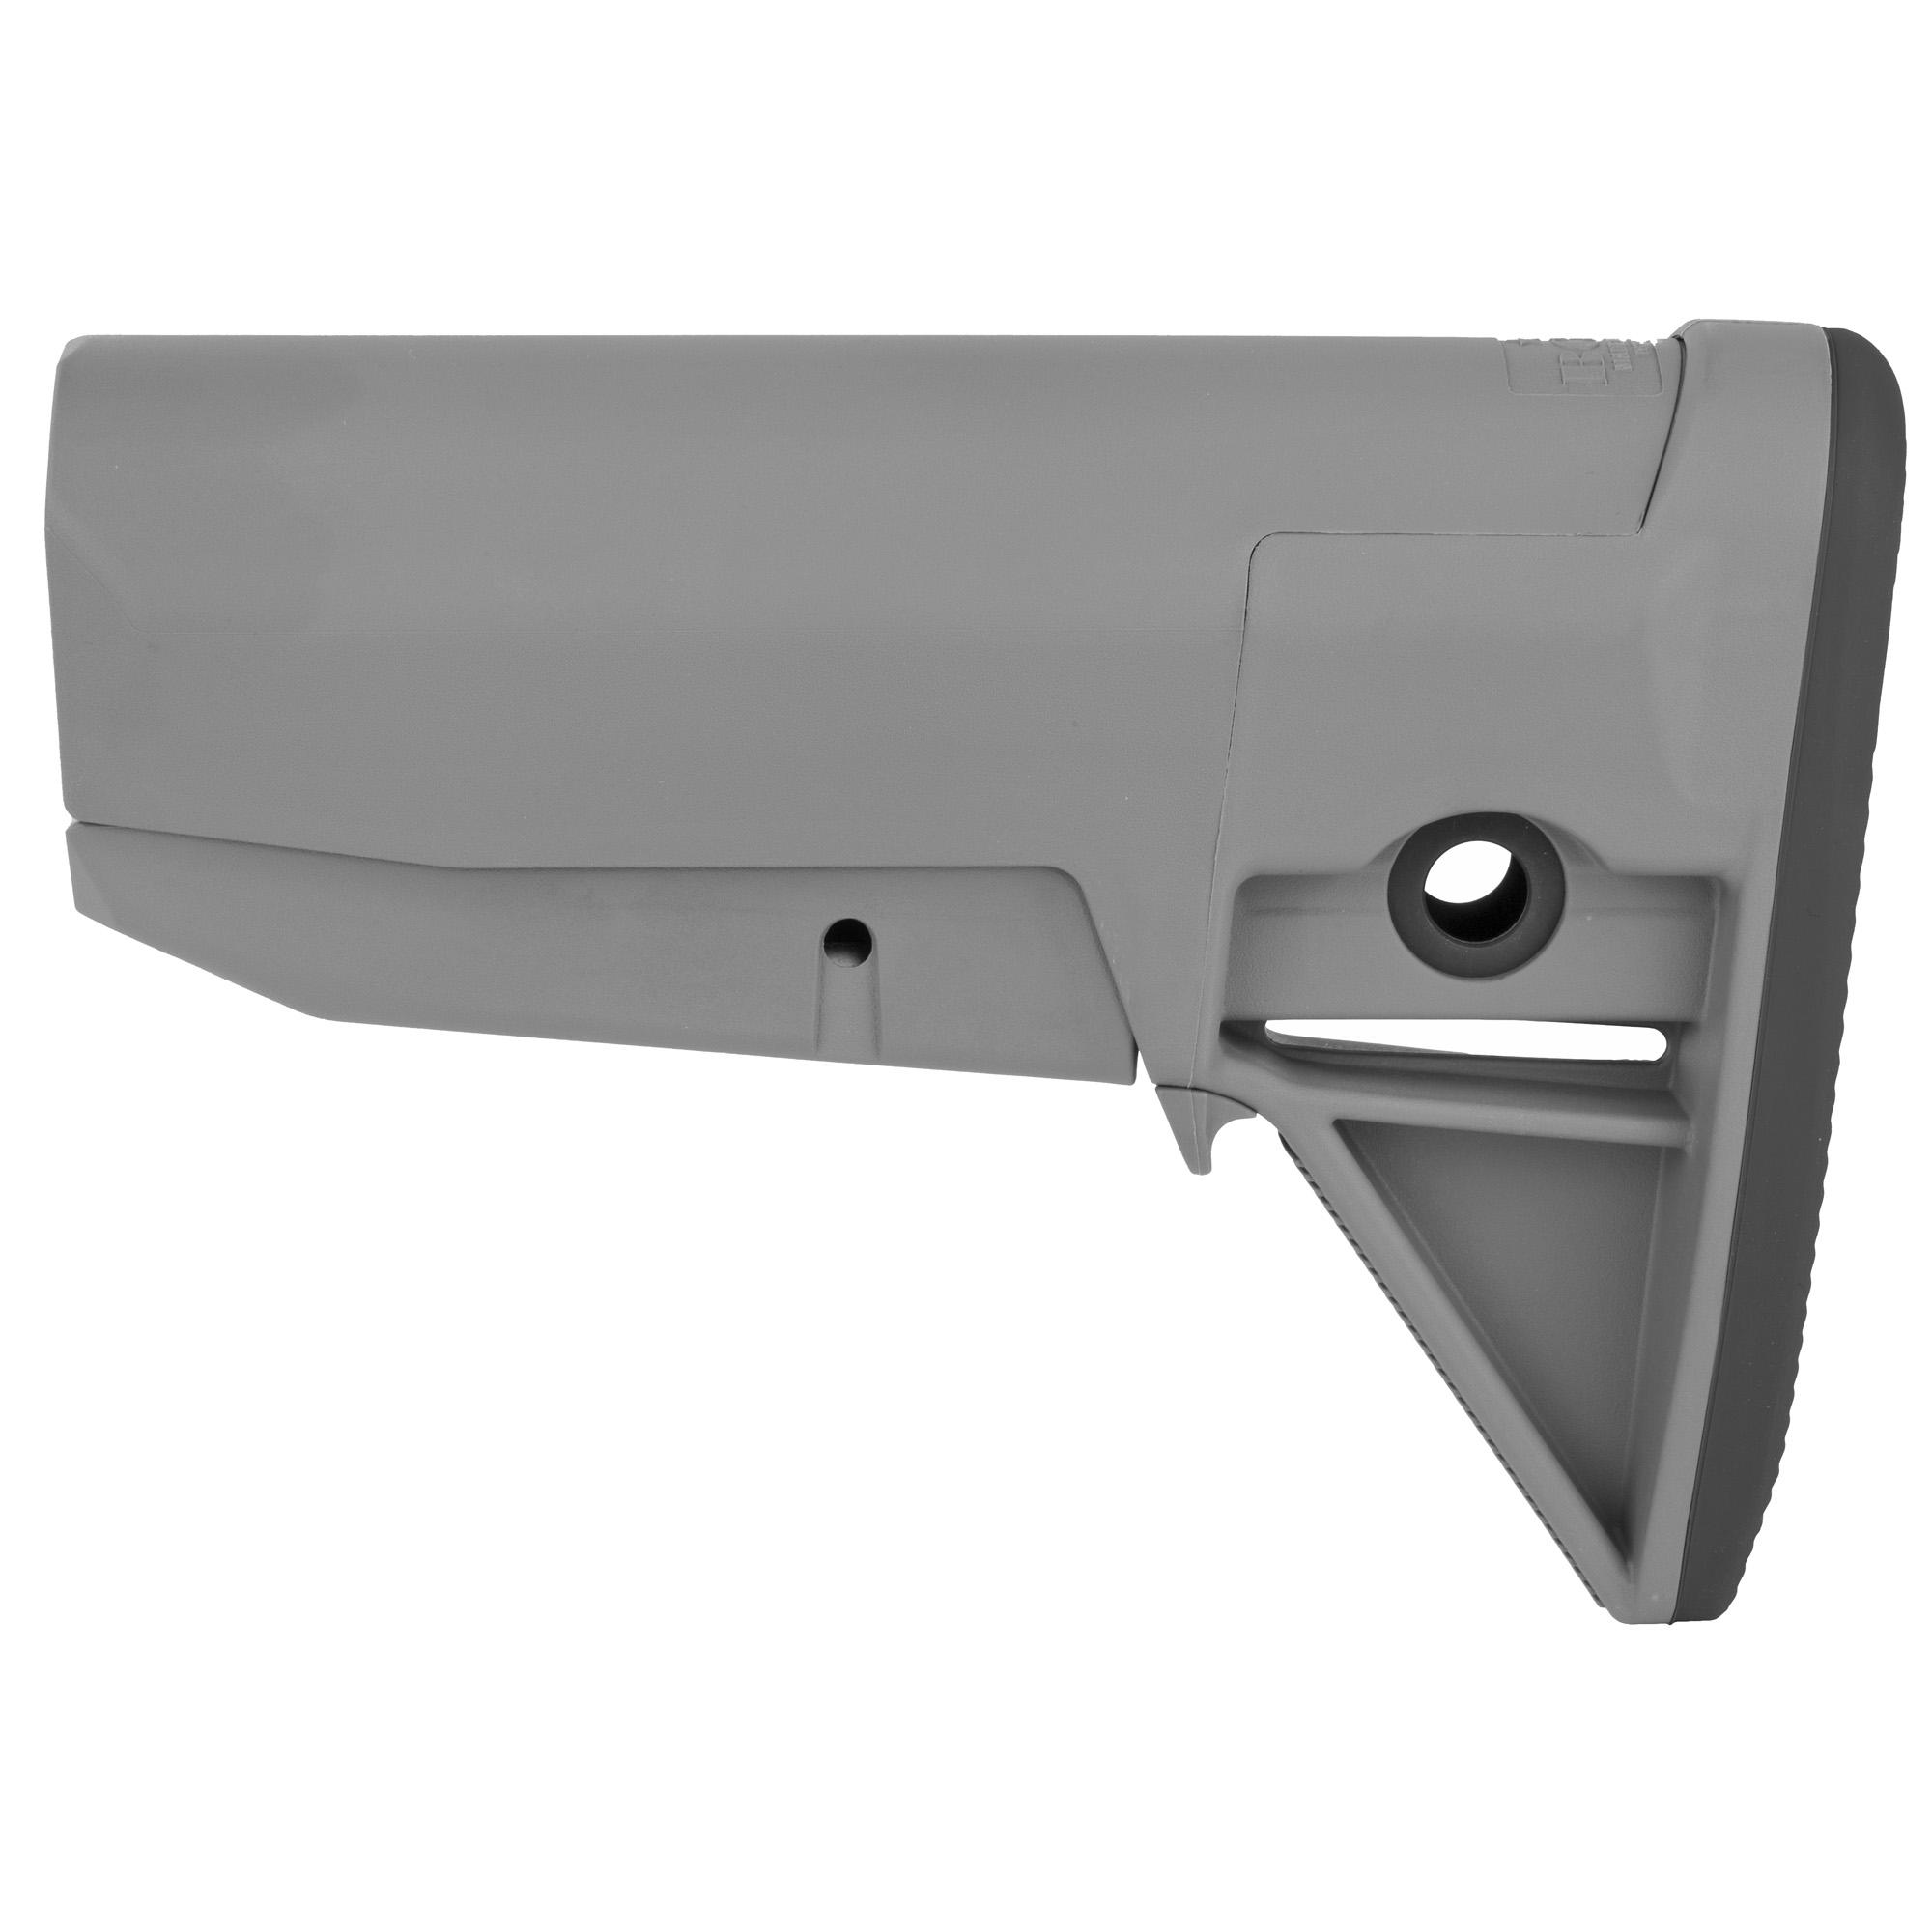 Bcm Gunfighter Stock Mod 0 Wg